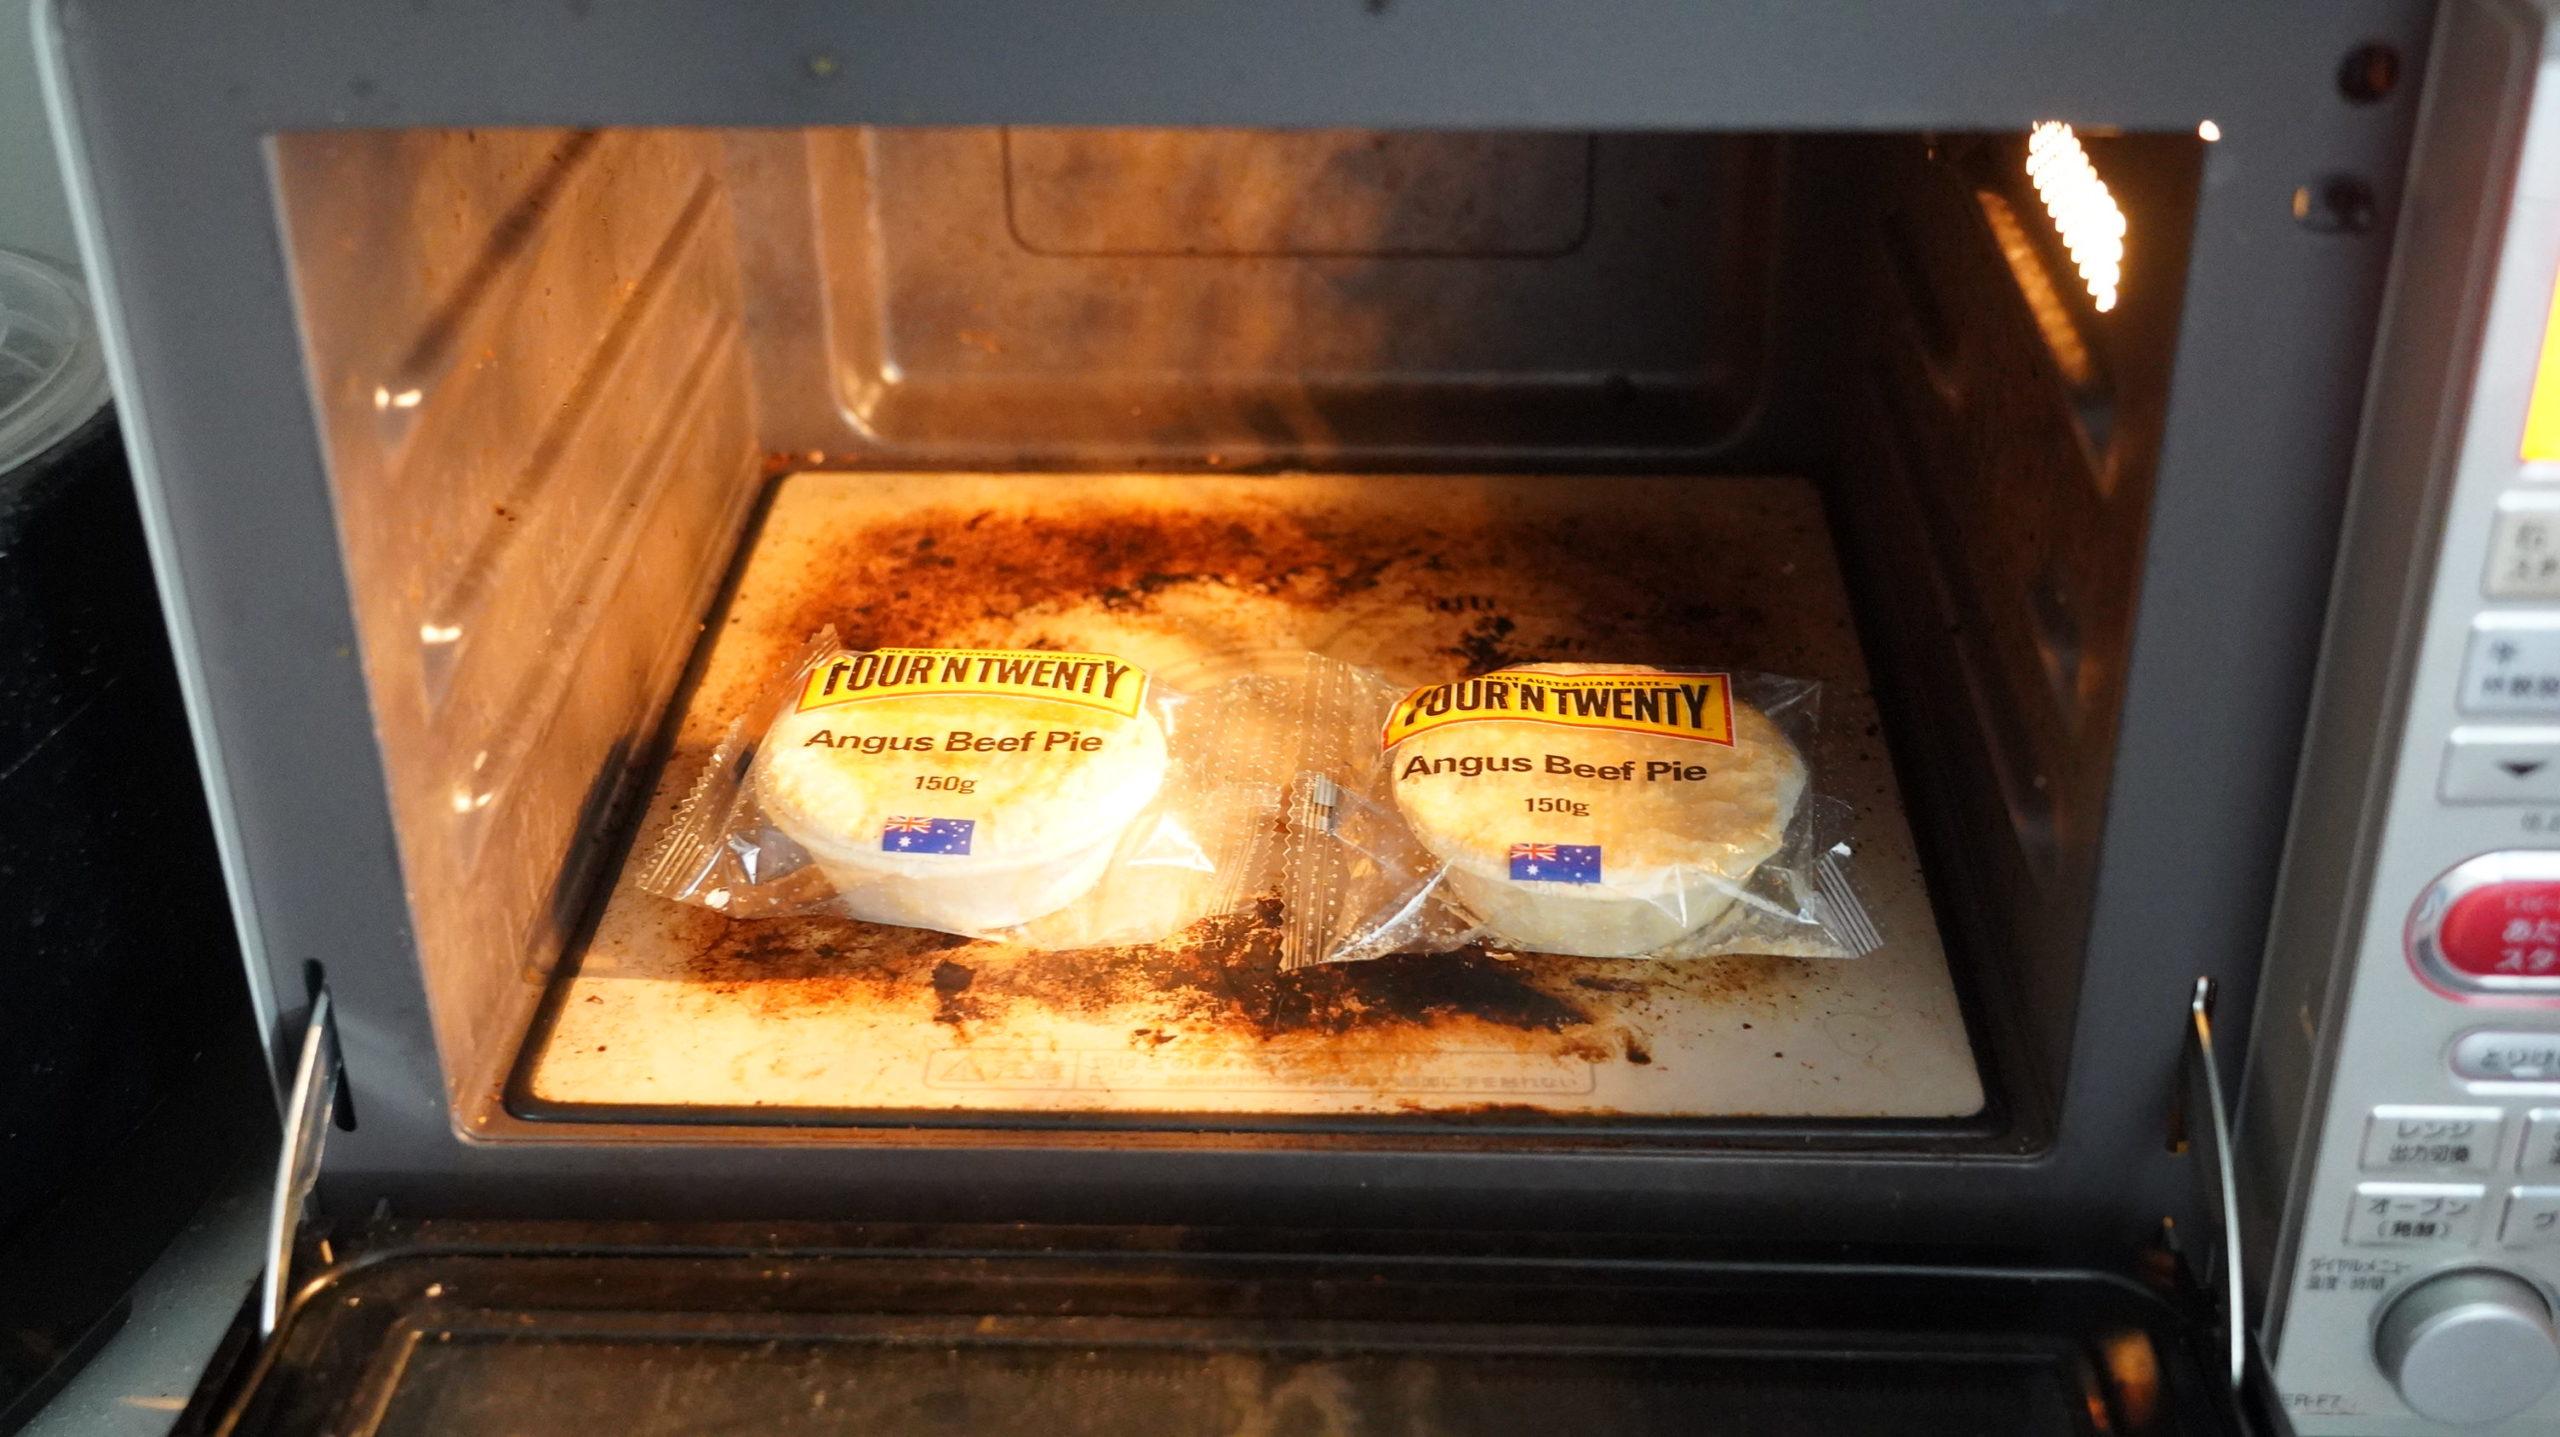 コストコの冷凍食品「アンガスビーフパイ」を電子レンジで加熱している写真